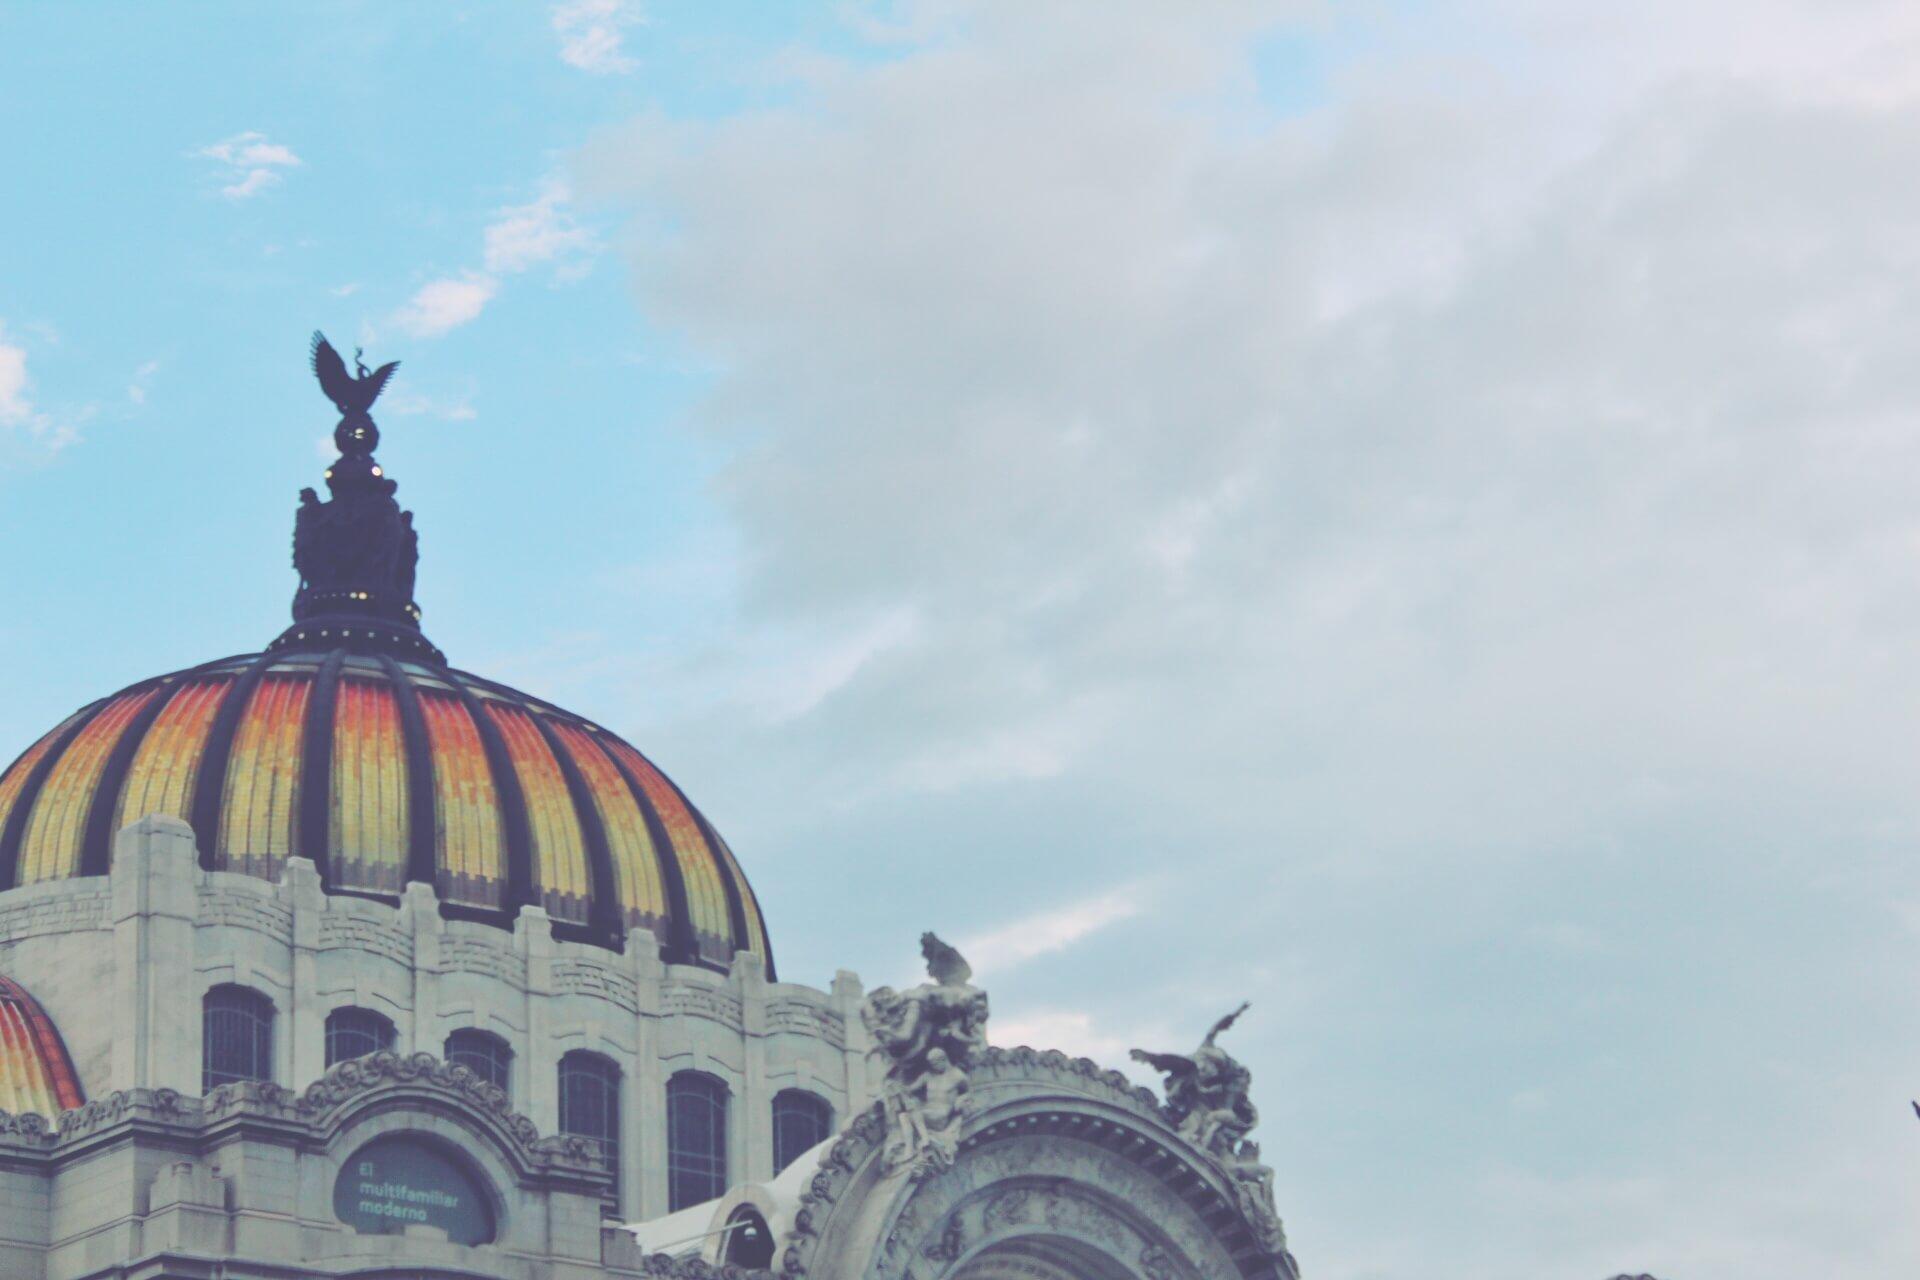 Palacio de Bellas Artes in Mexico City | Things to do in Mexico City